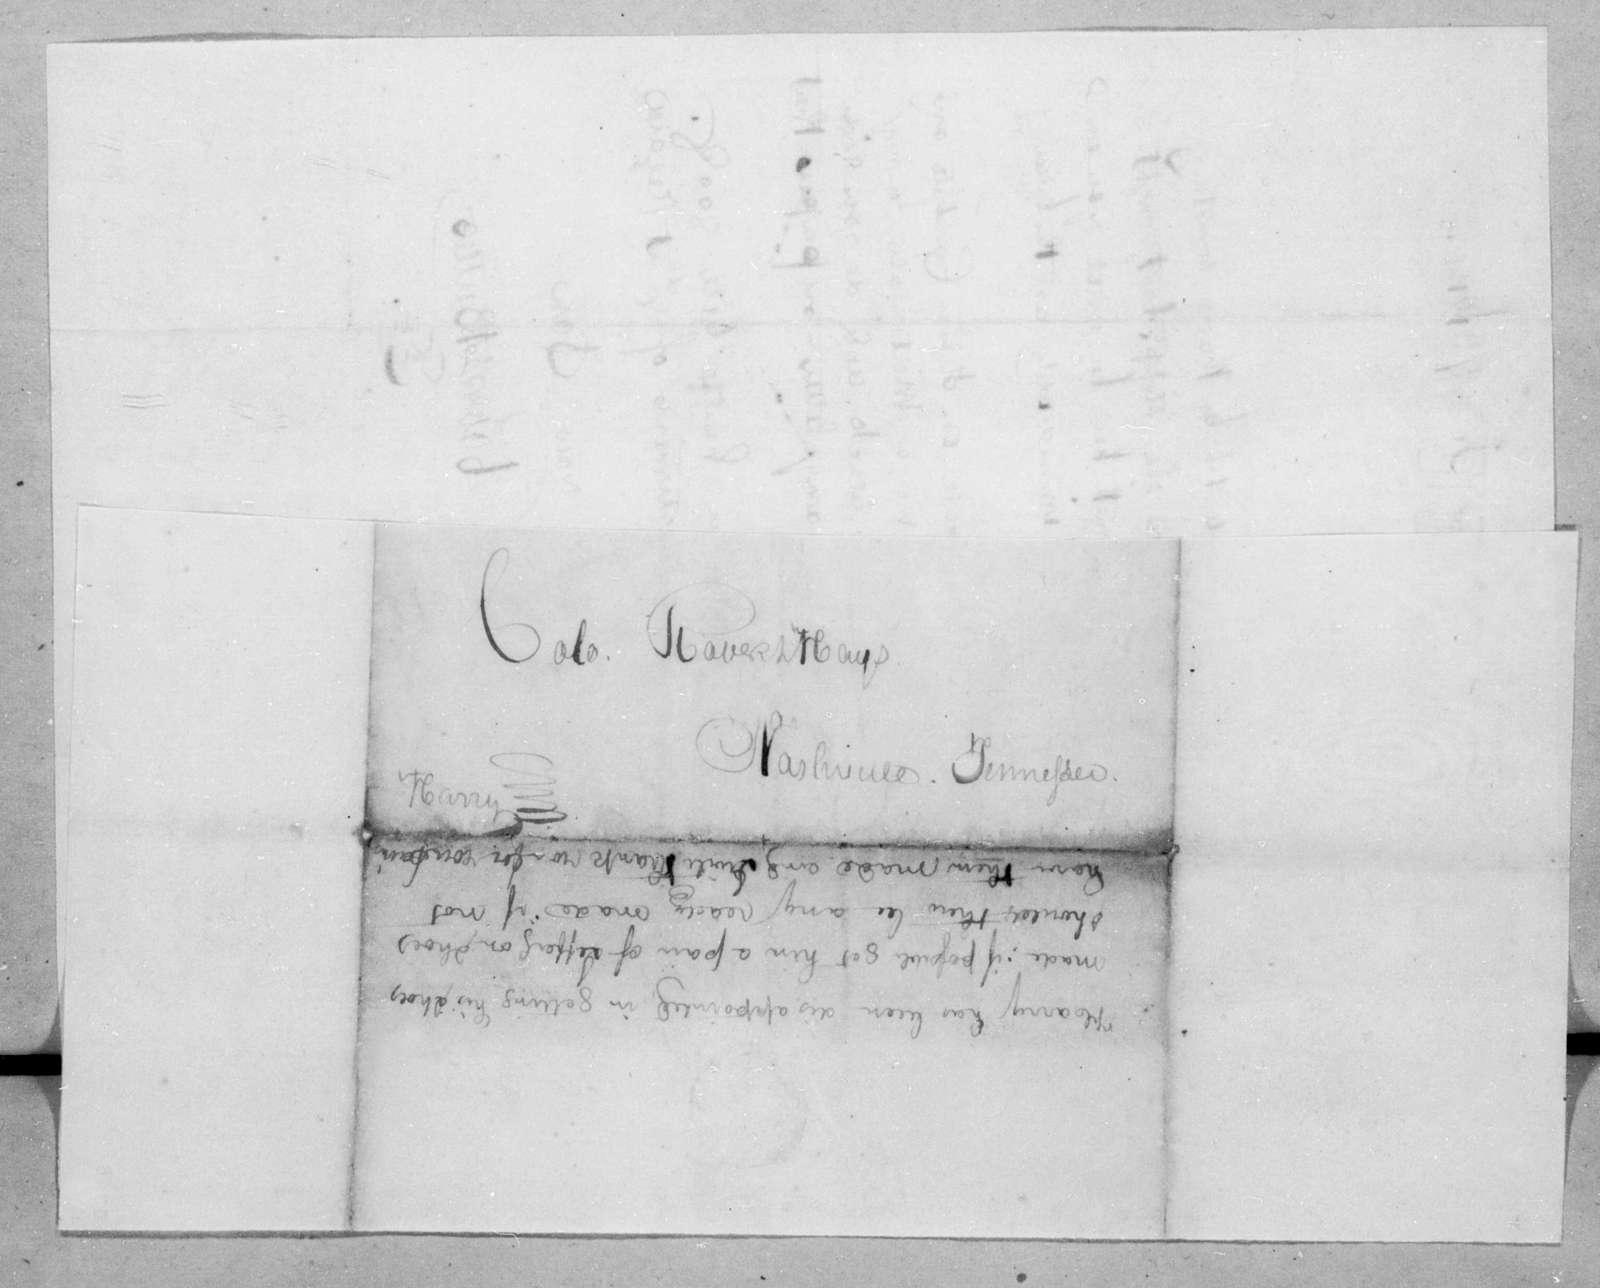 Robert Butler to Robert Hays, June 7, 1814